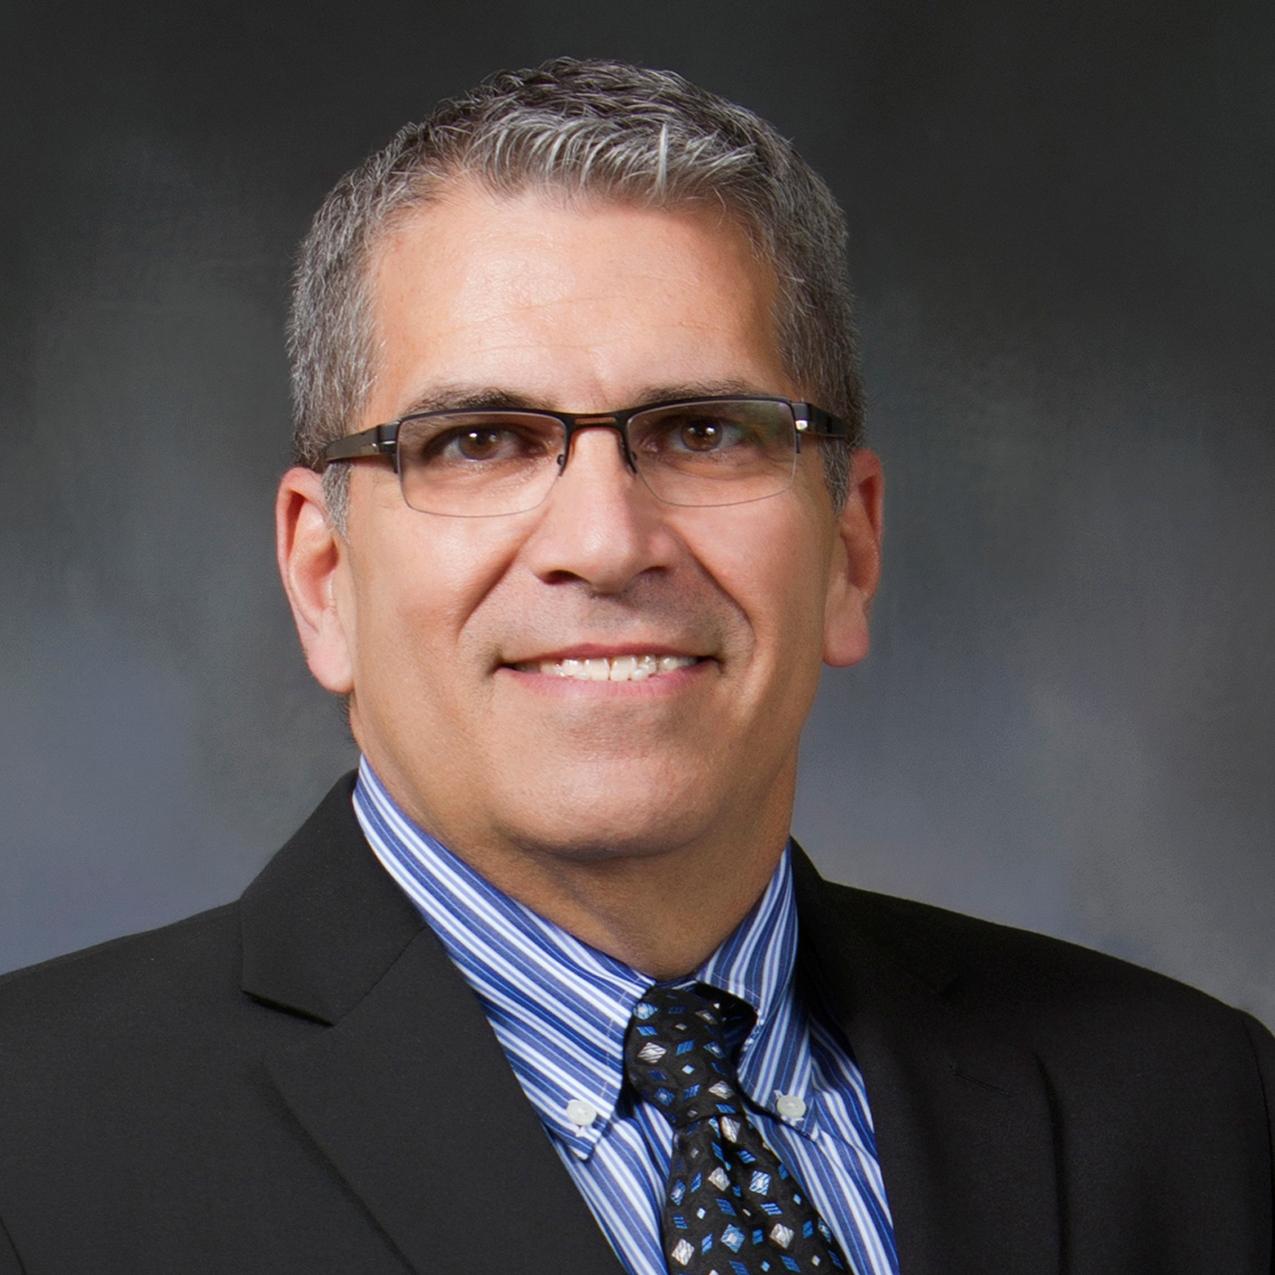 Carlos J. Martinez   Public Deffender, Miami Dade, FL